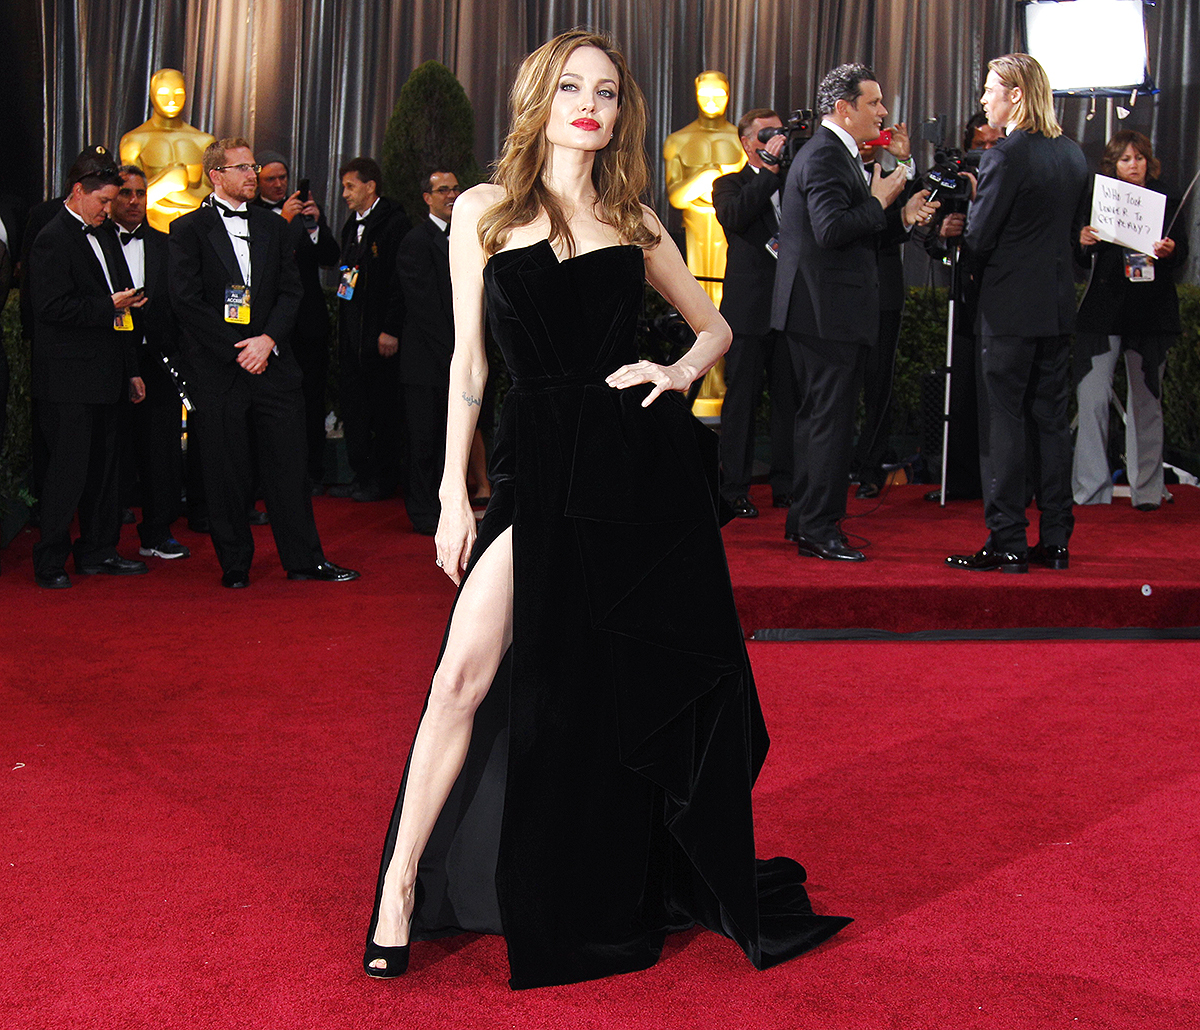 Angelina Jolie khoe chân với đầm đen thời trang thảm đỏ